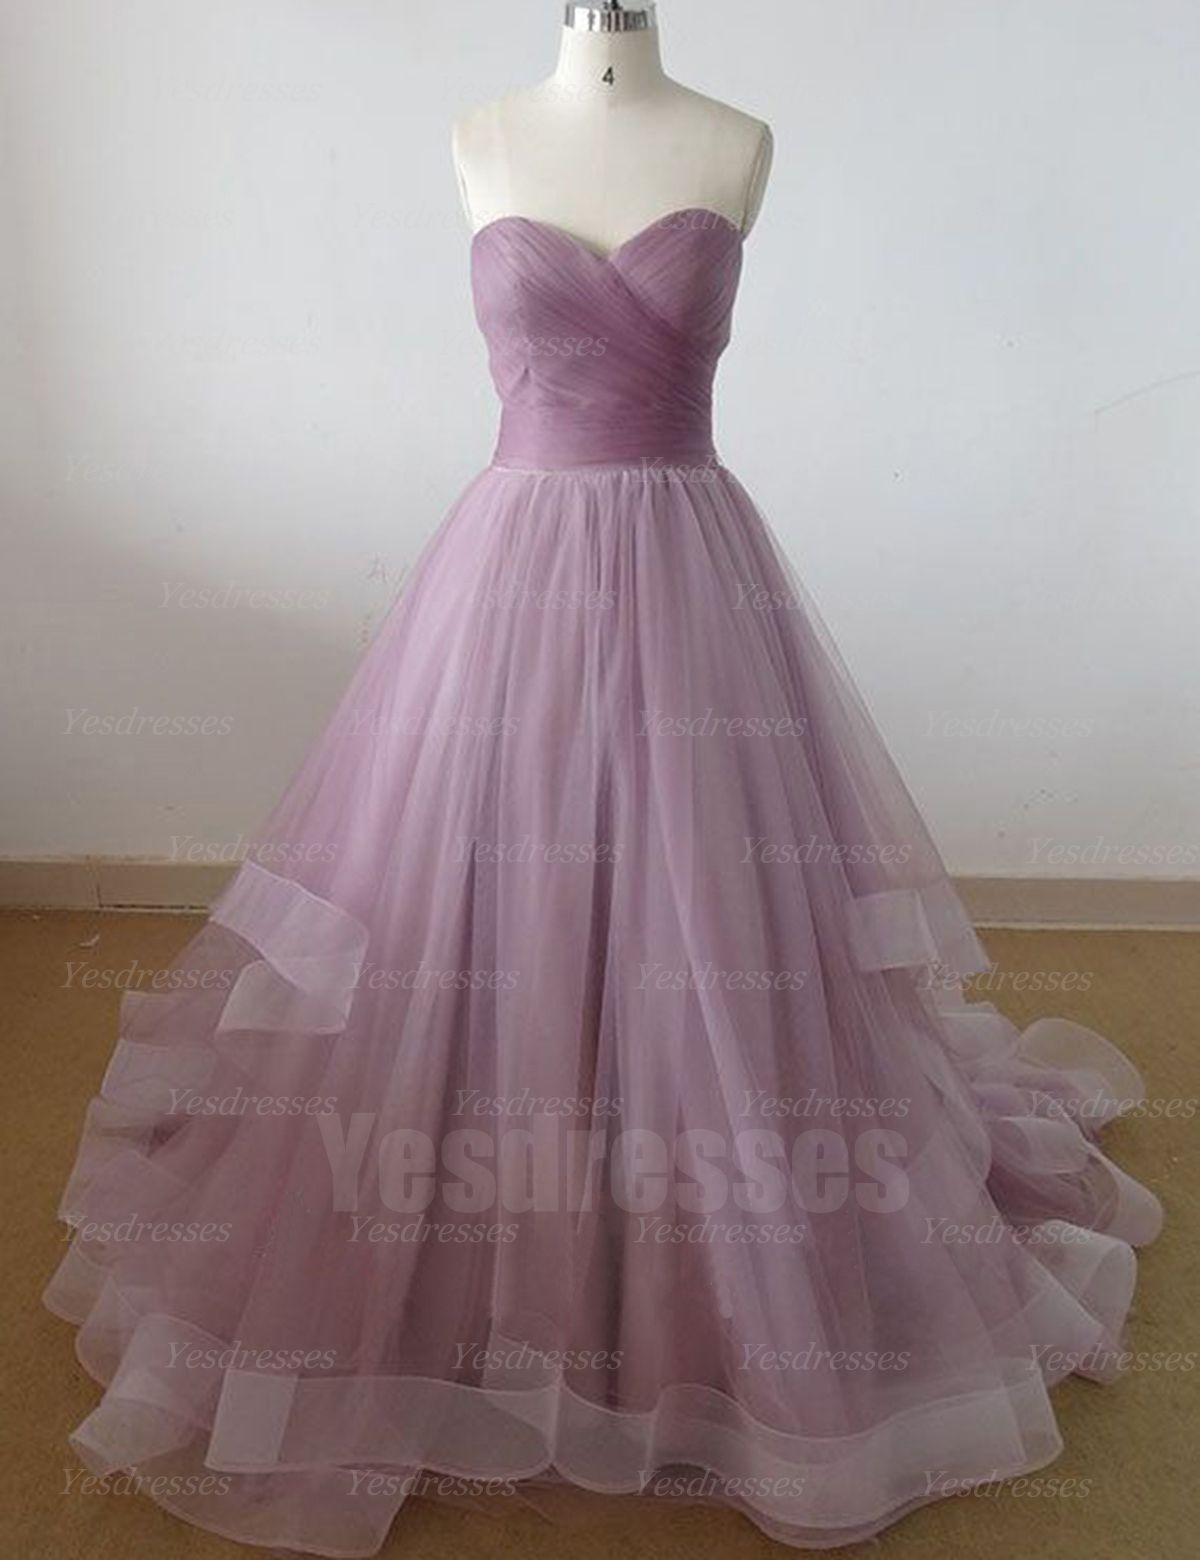 Pin by ashley hulbert on fashiondresses pinterest prom long